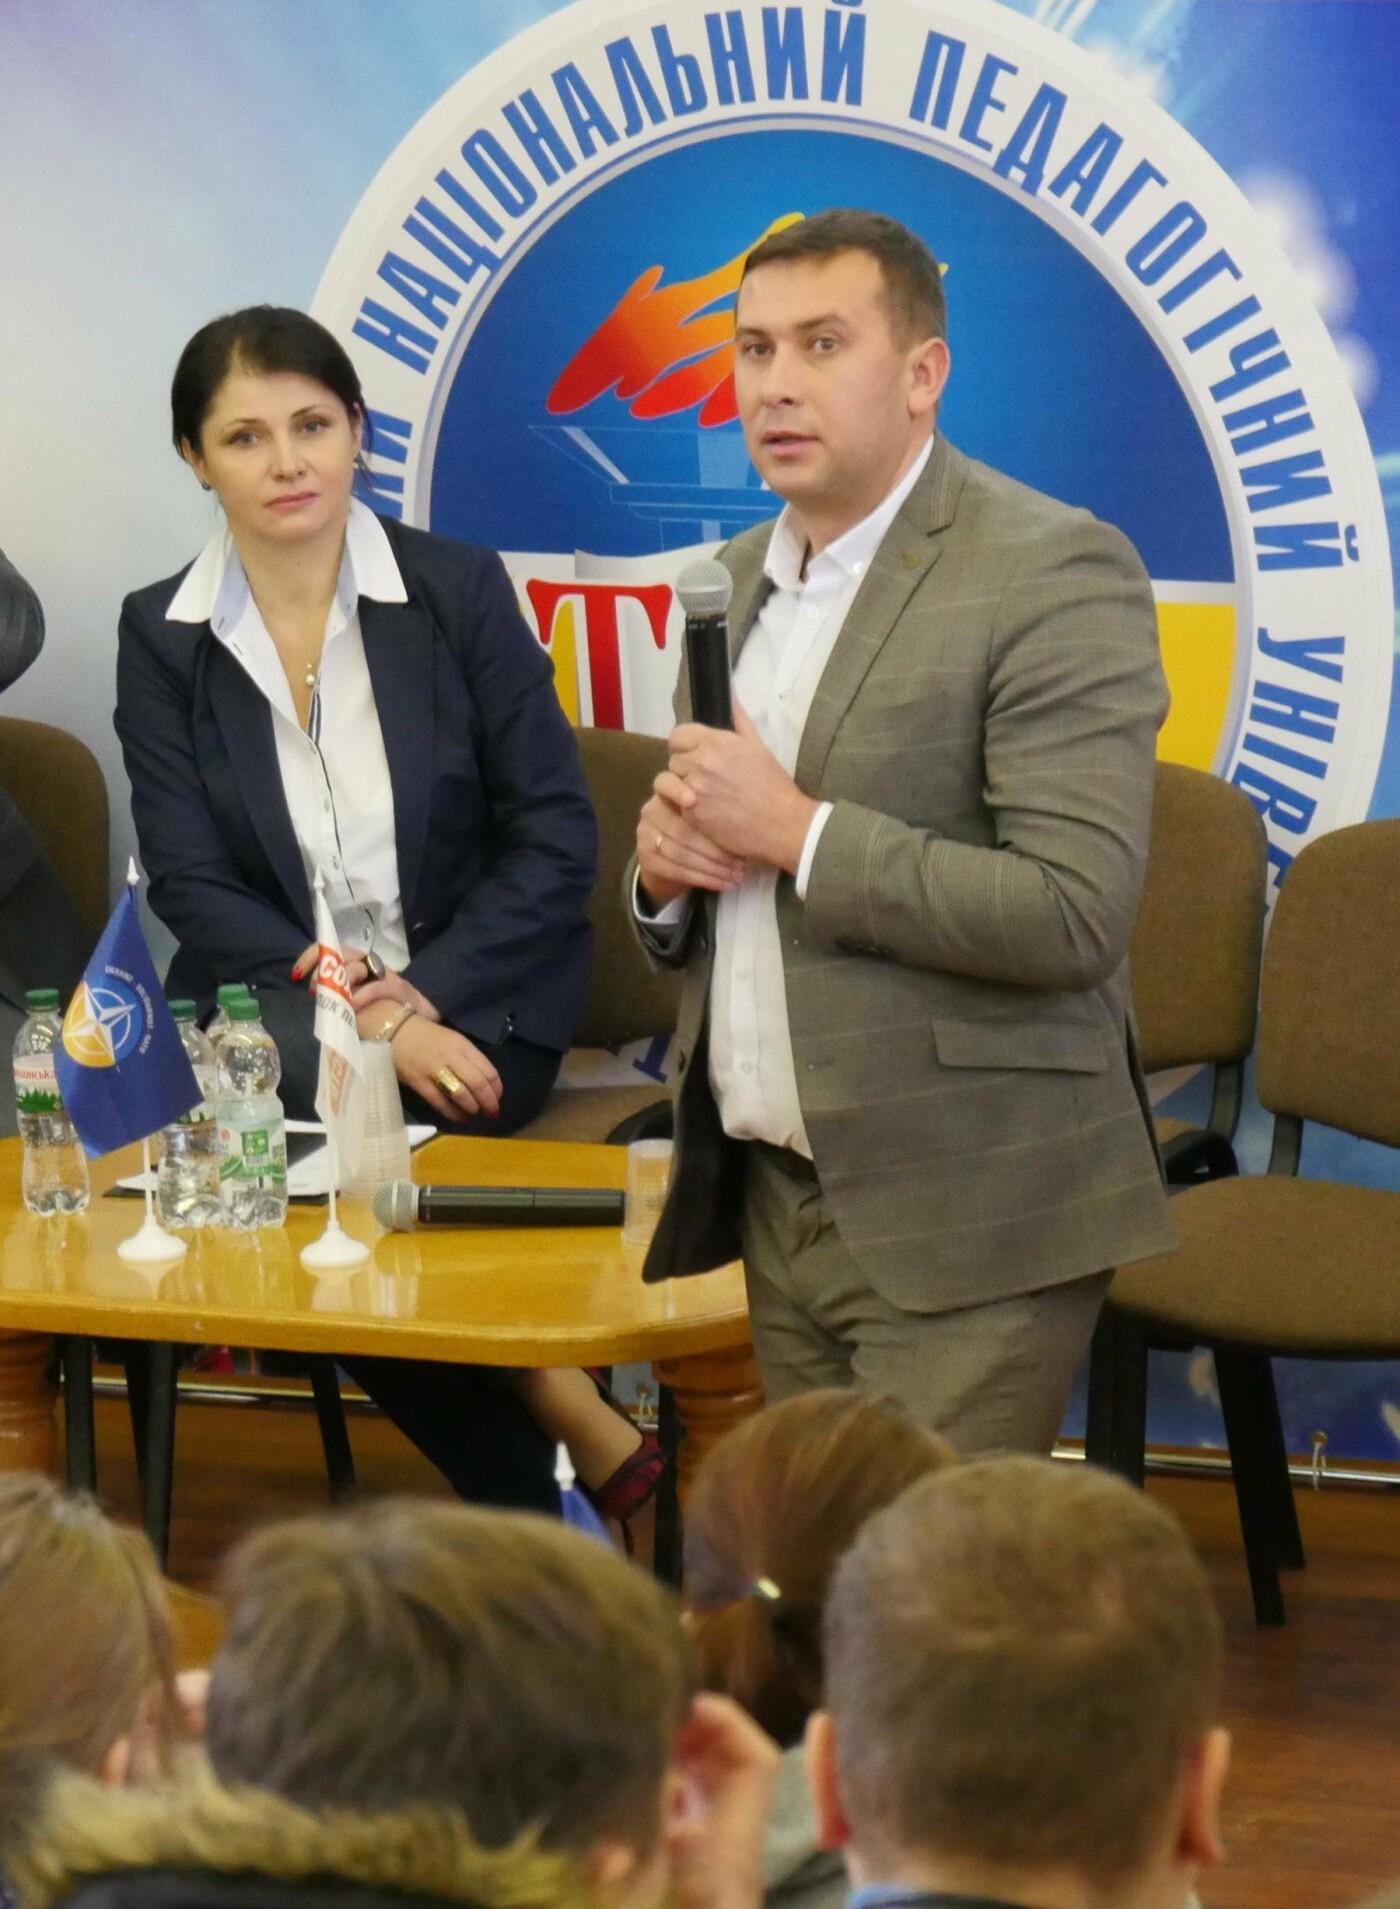 У Тернополі відбувся семінар «Україна-НАТО: формула безпеки», фото-2